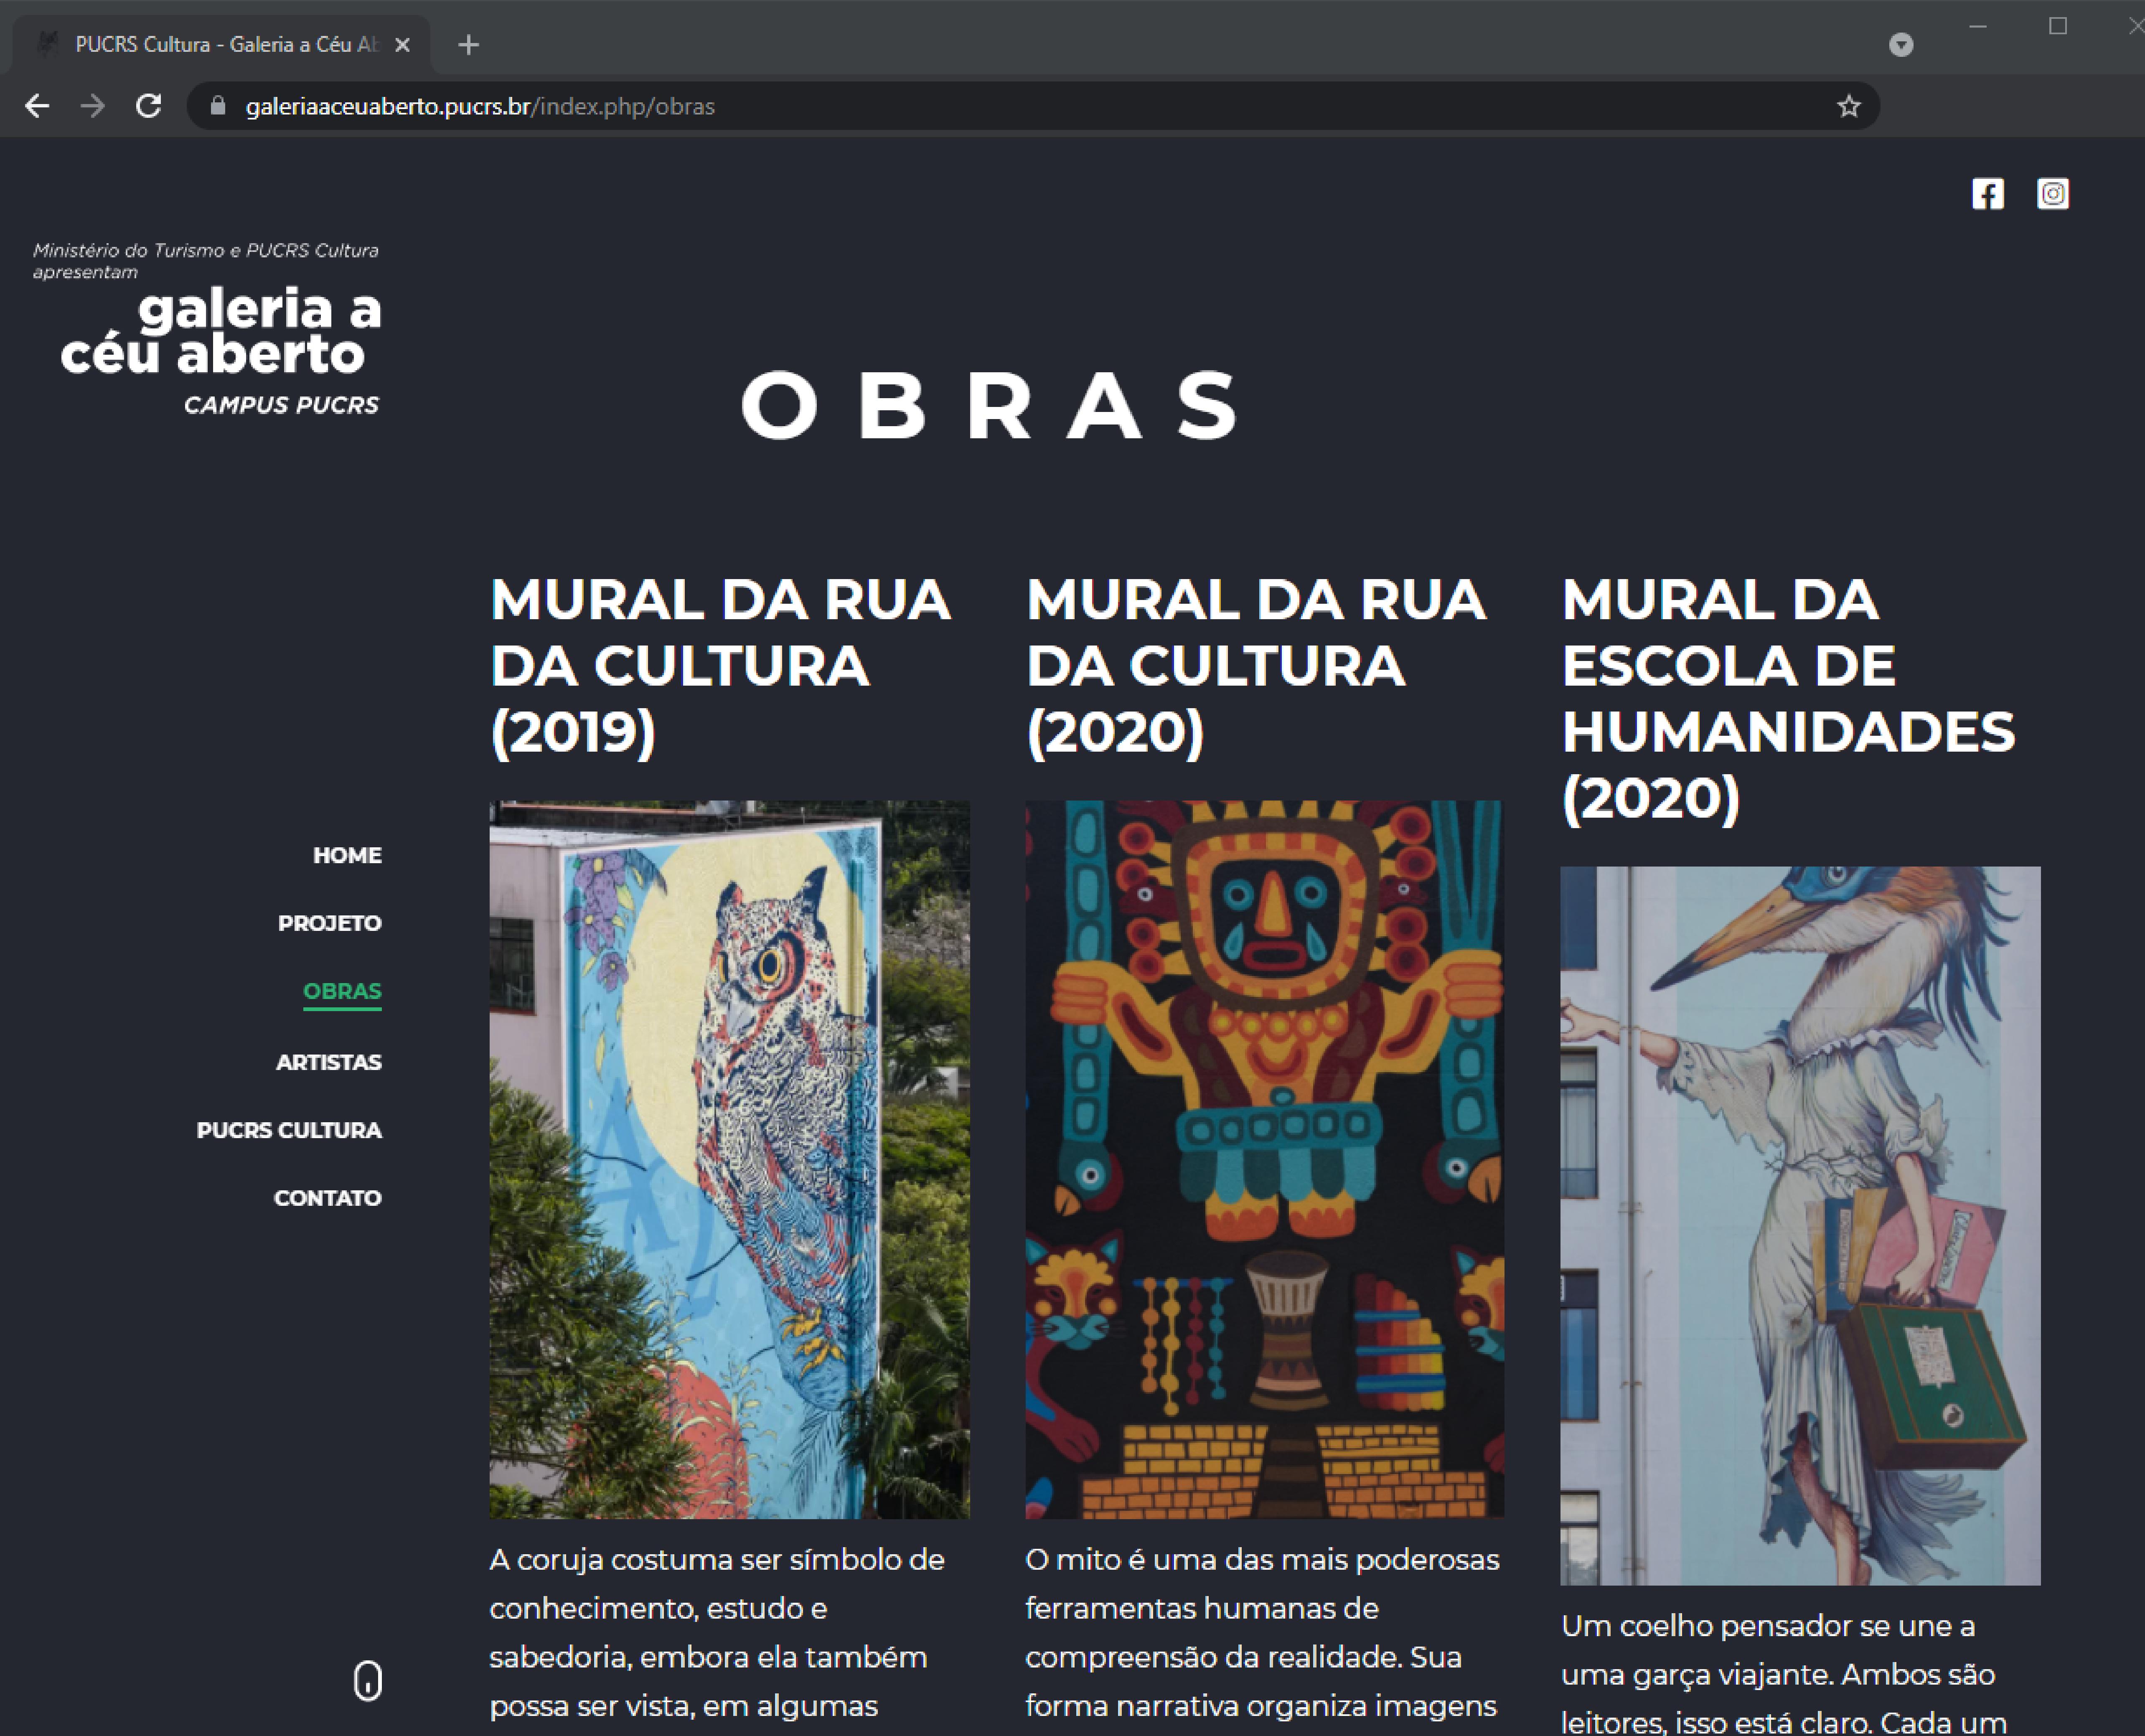 Galeria a Céu aberto: novo site apresenta referências e detalhes das obras - Espaço educativo explora saberes e ideias concebidas por cada artista por trás dos murais